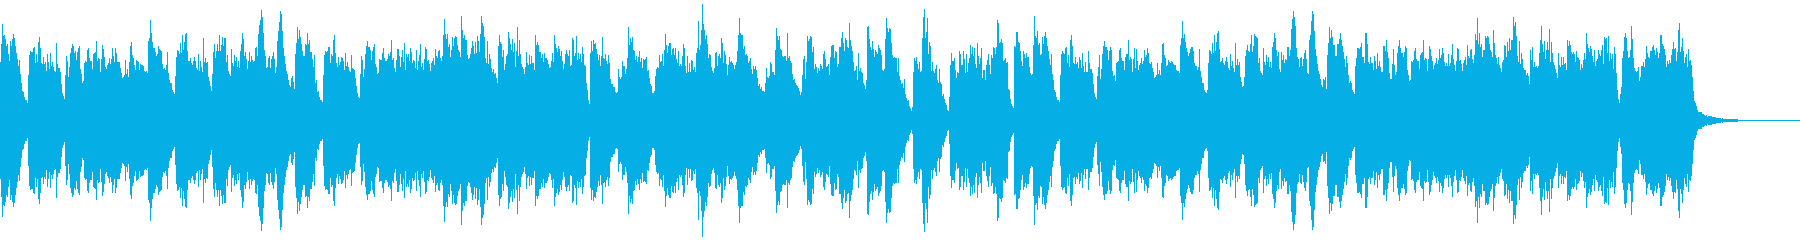 煌びやかで華やかなチェンバロ独奏曲の再生済みの波形